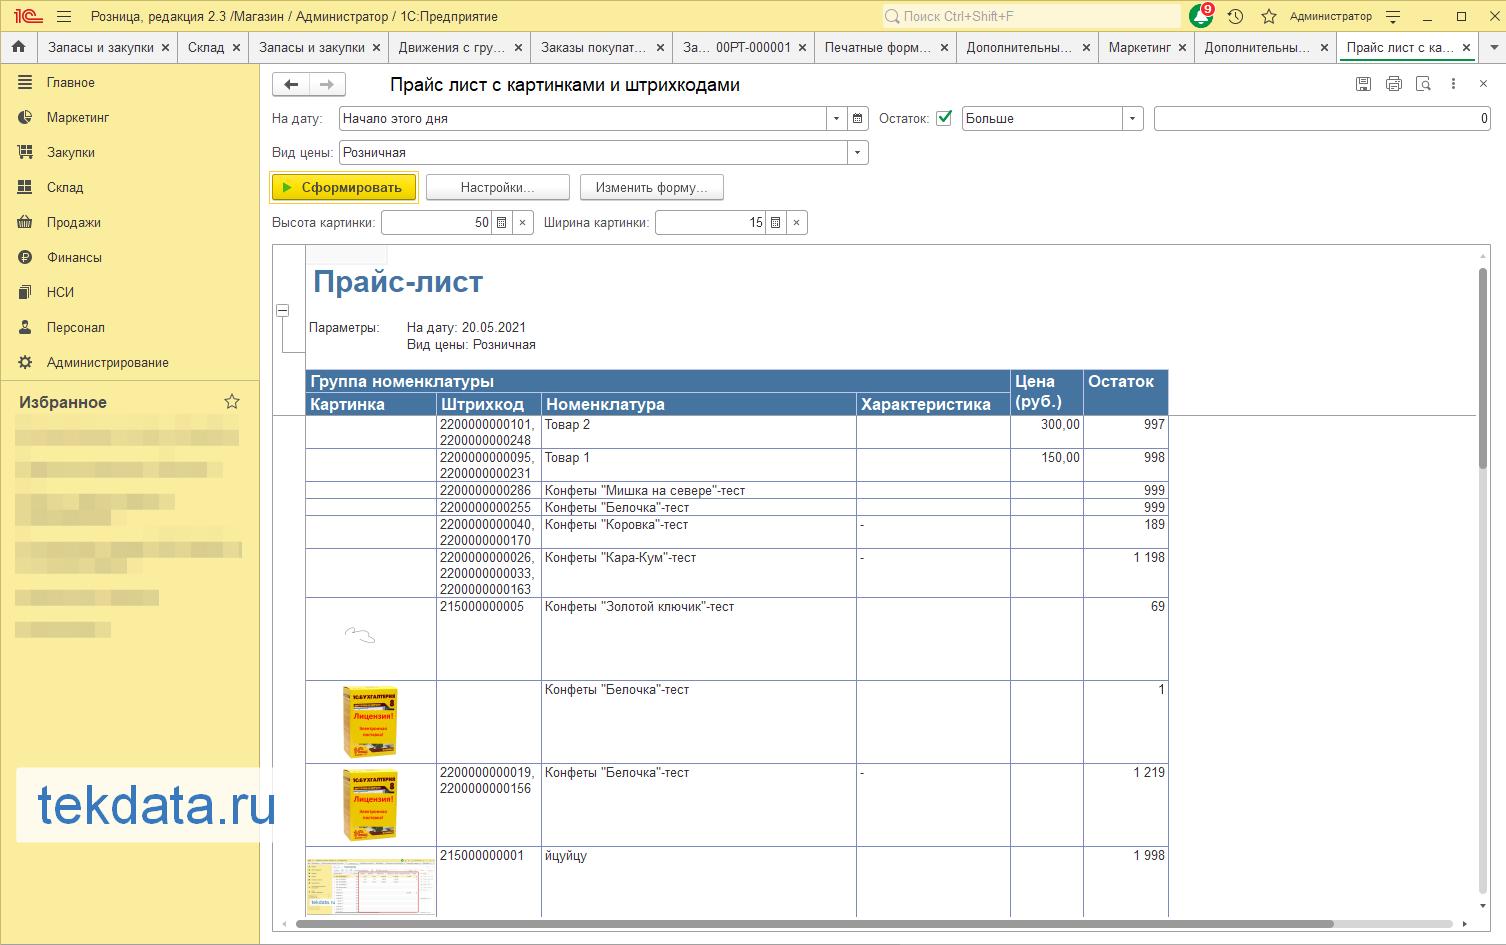 Прайс-лист с картинками и штрихкодами для 1С:Розница 2.3 (внешний отчет)